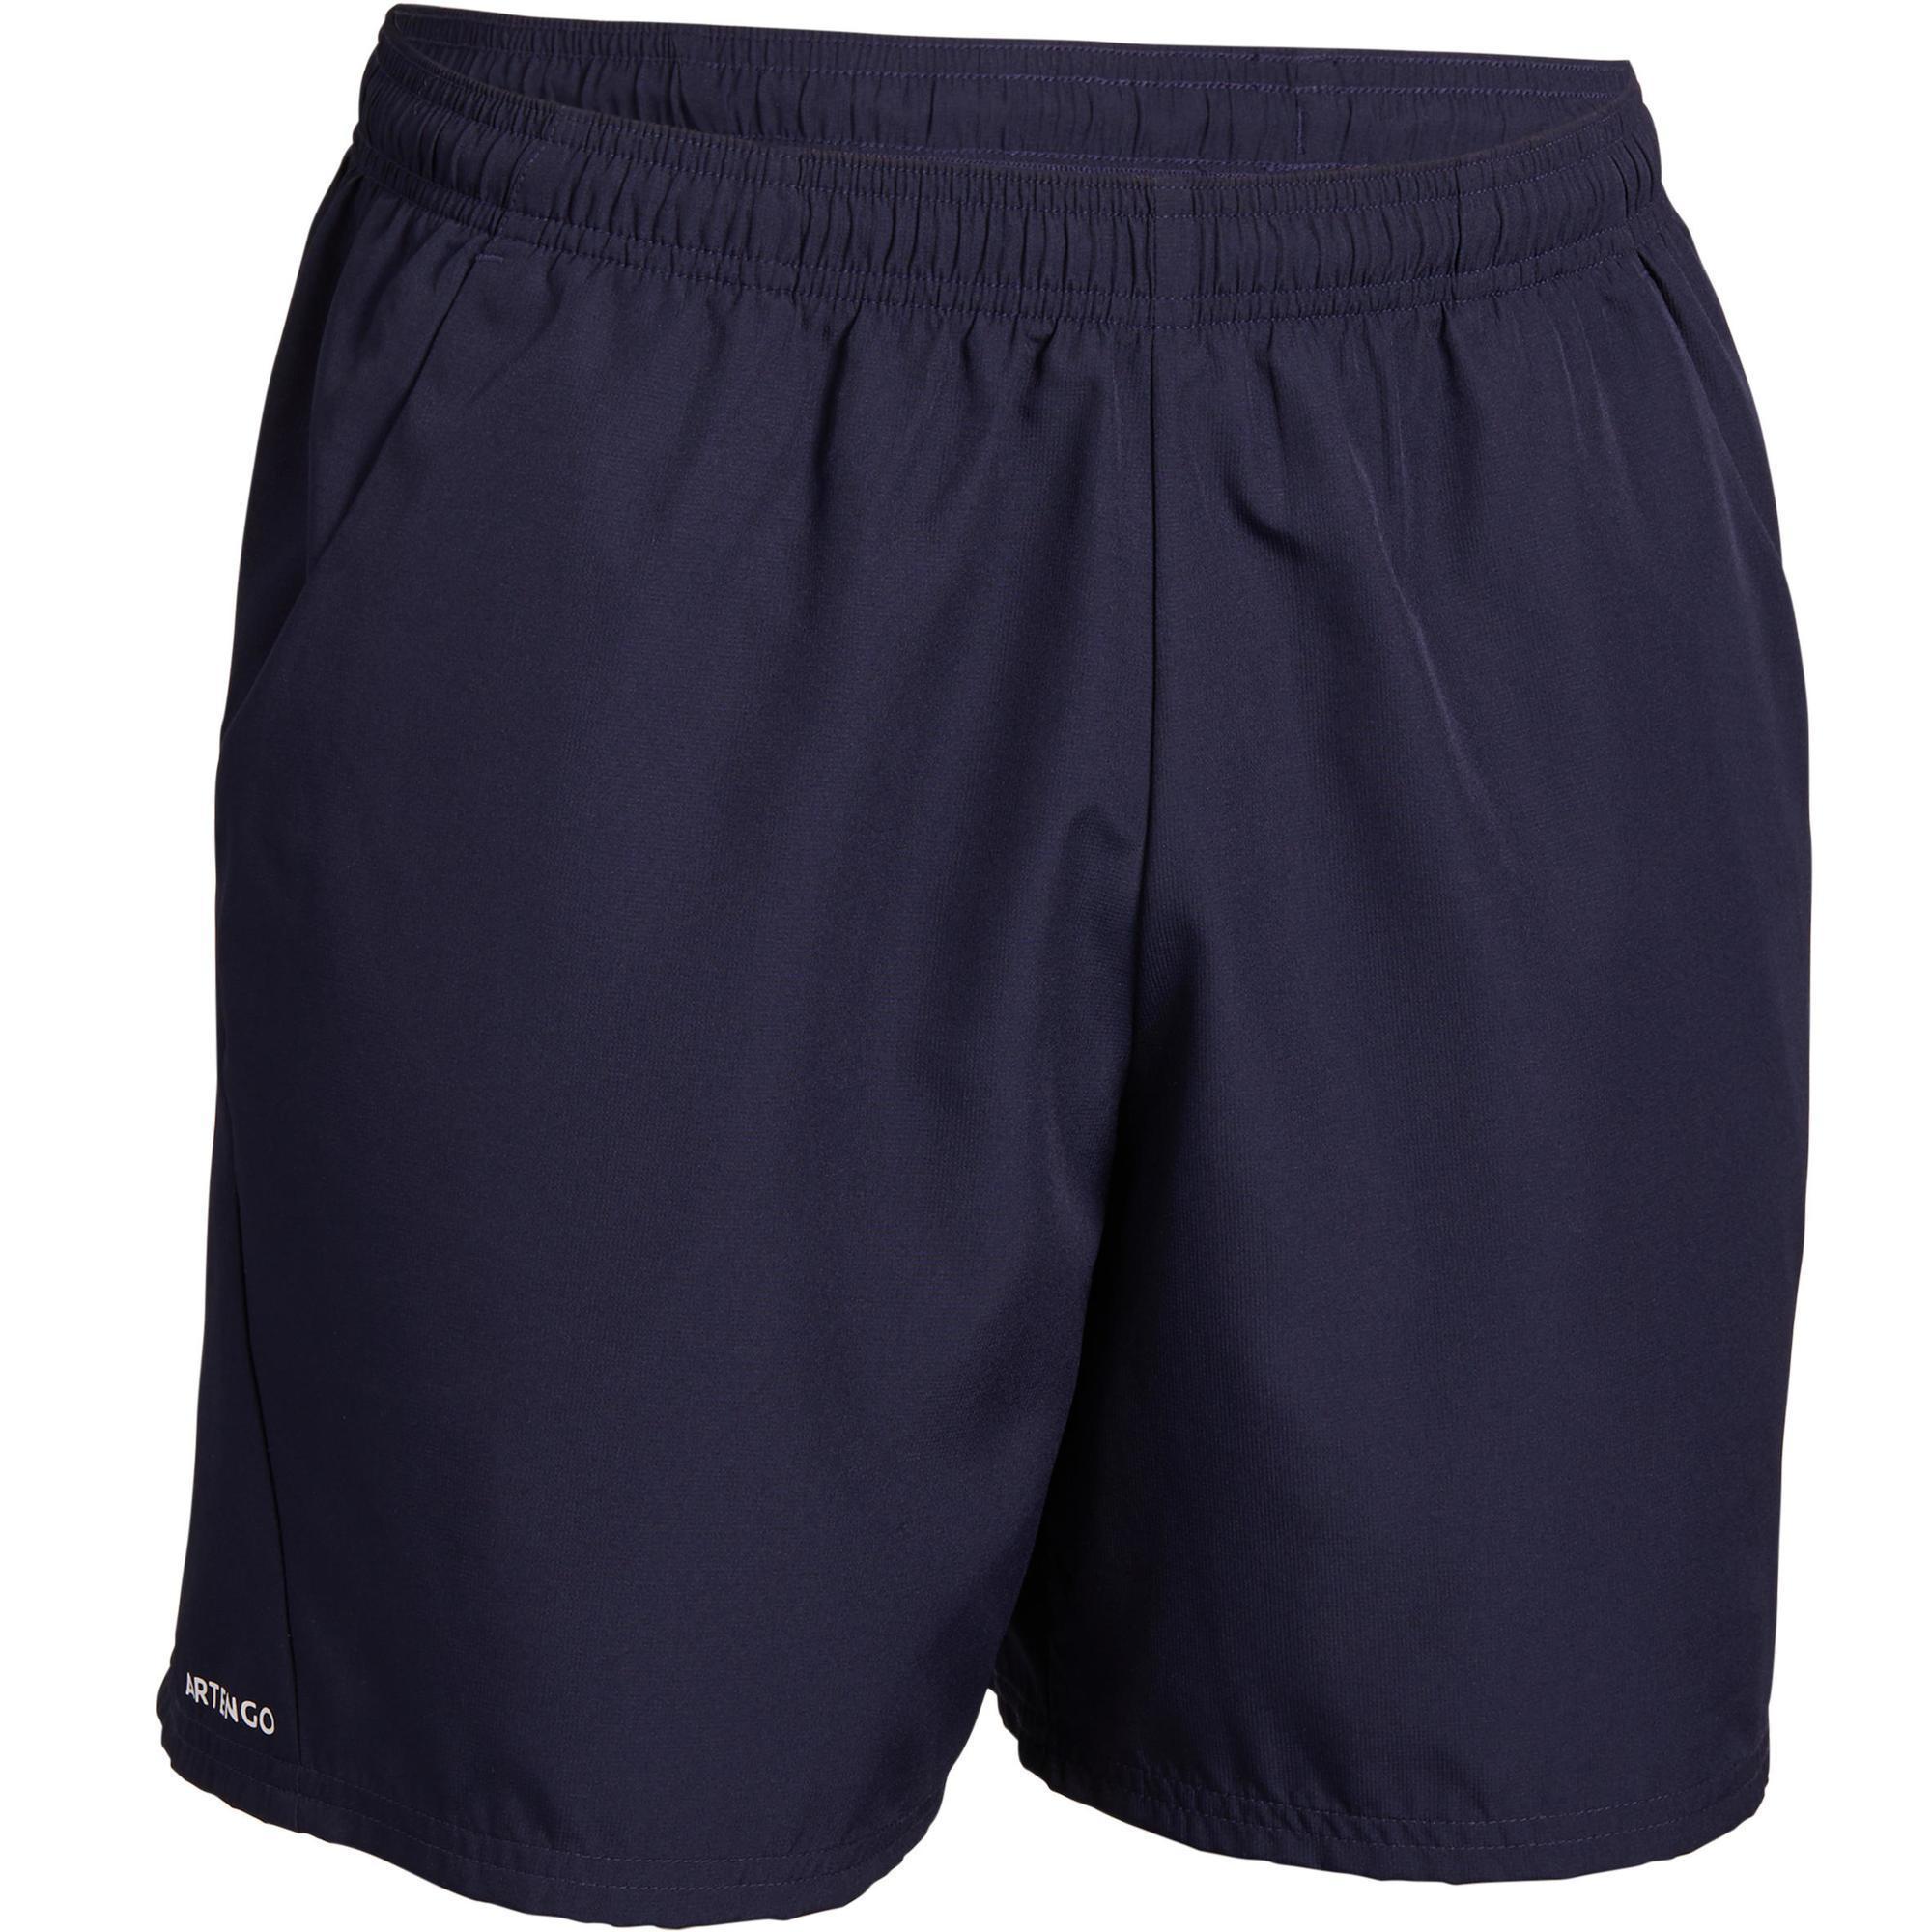 Short tennis homme dry 100 marine artengo